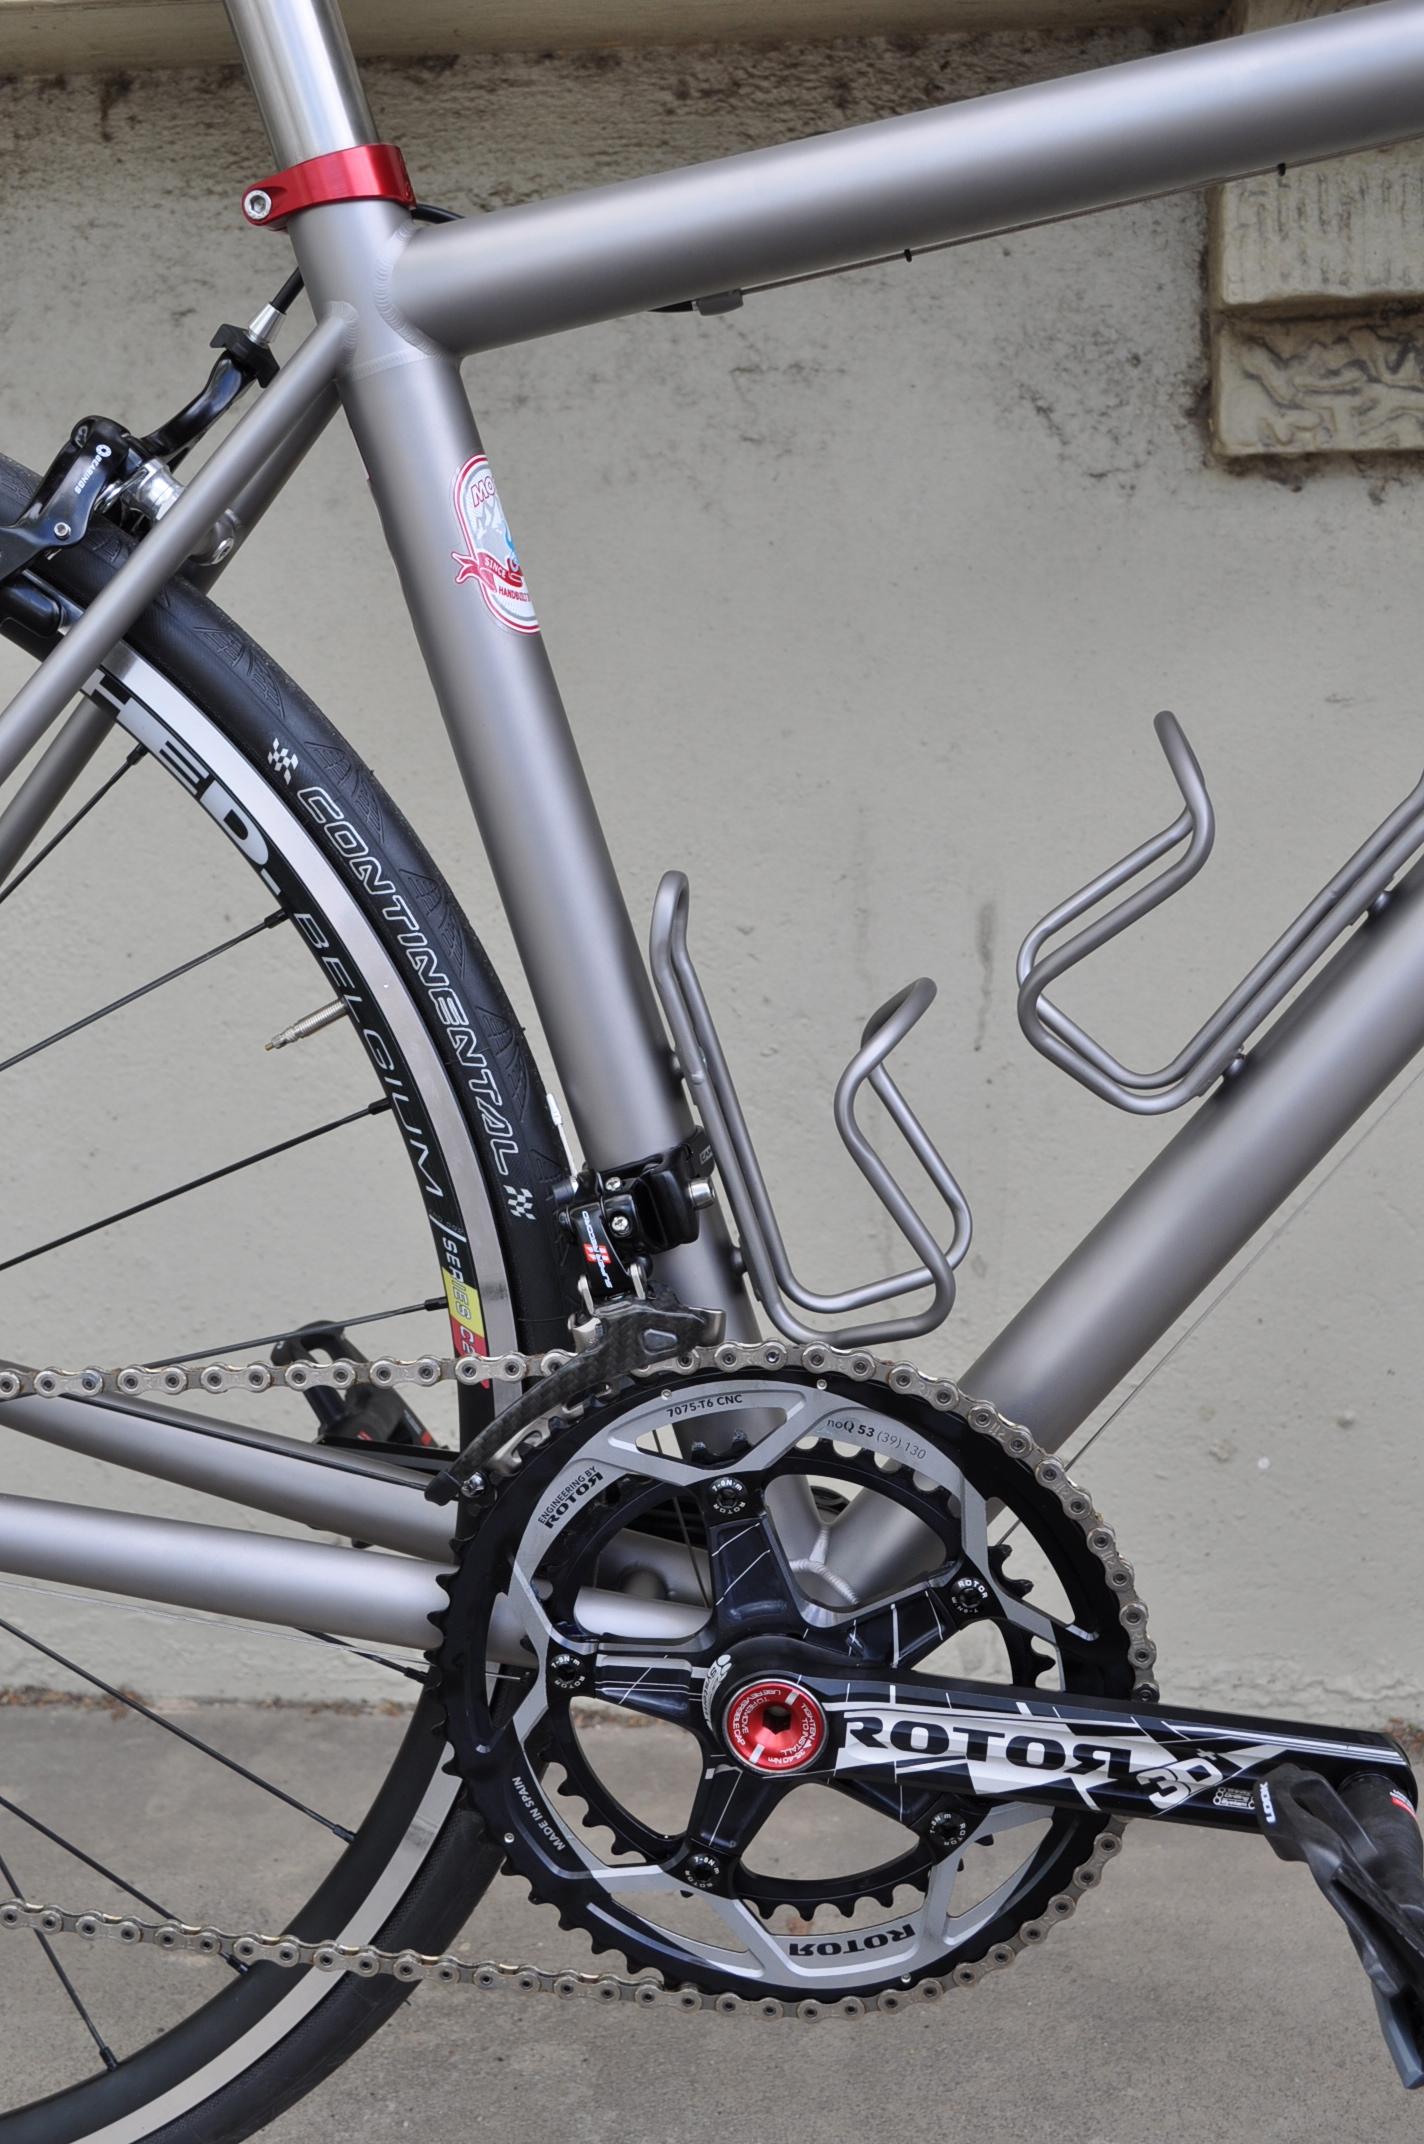 Moots Vamoots RSL owner response | Cycling Edge